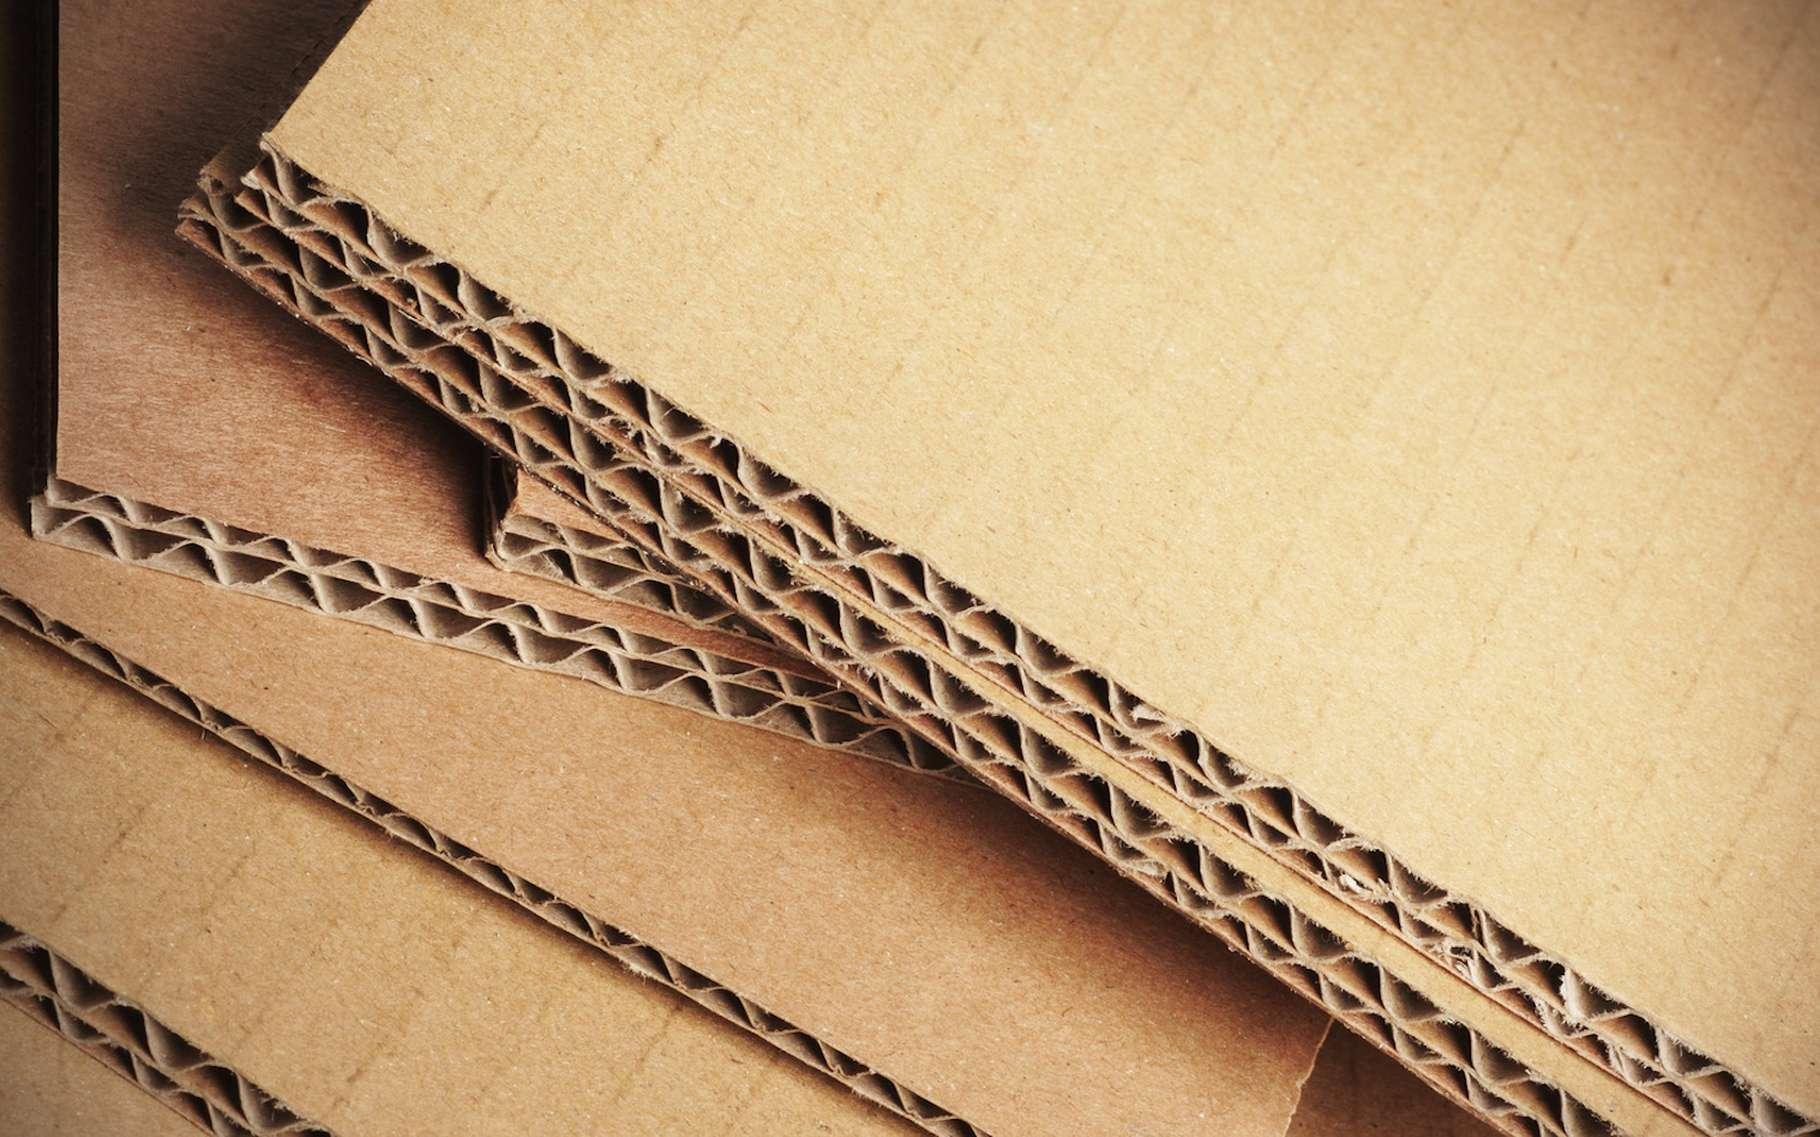 Le carton ondulé est très utilisé pour les emballages. Aujourd'hui, des chercheurs présentent un nanomatériau dont la structure rappelle celle du carton ondulé. Il pourrait trouver de nombreuses applications. © Olivier Le Moal, Fotolia